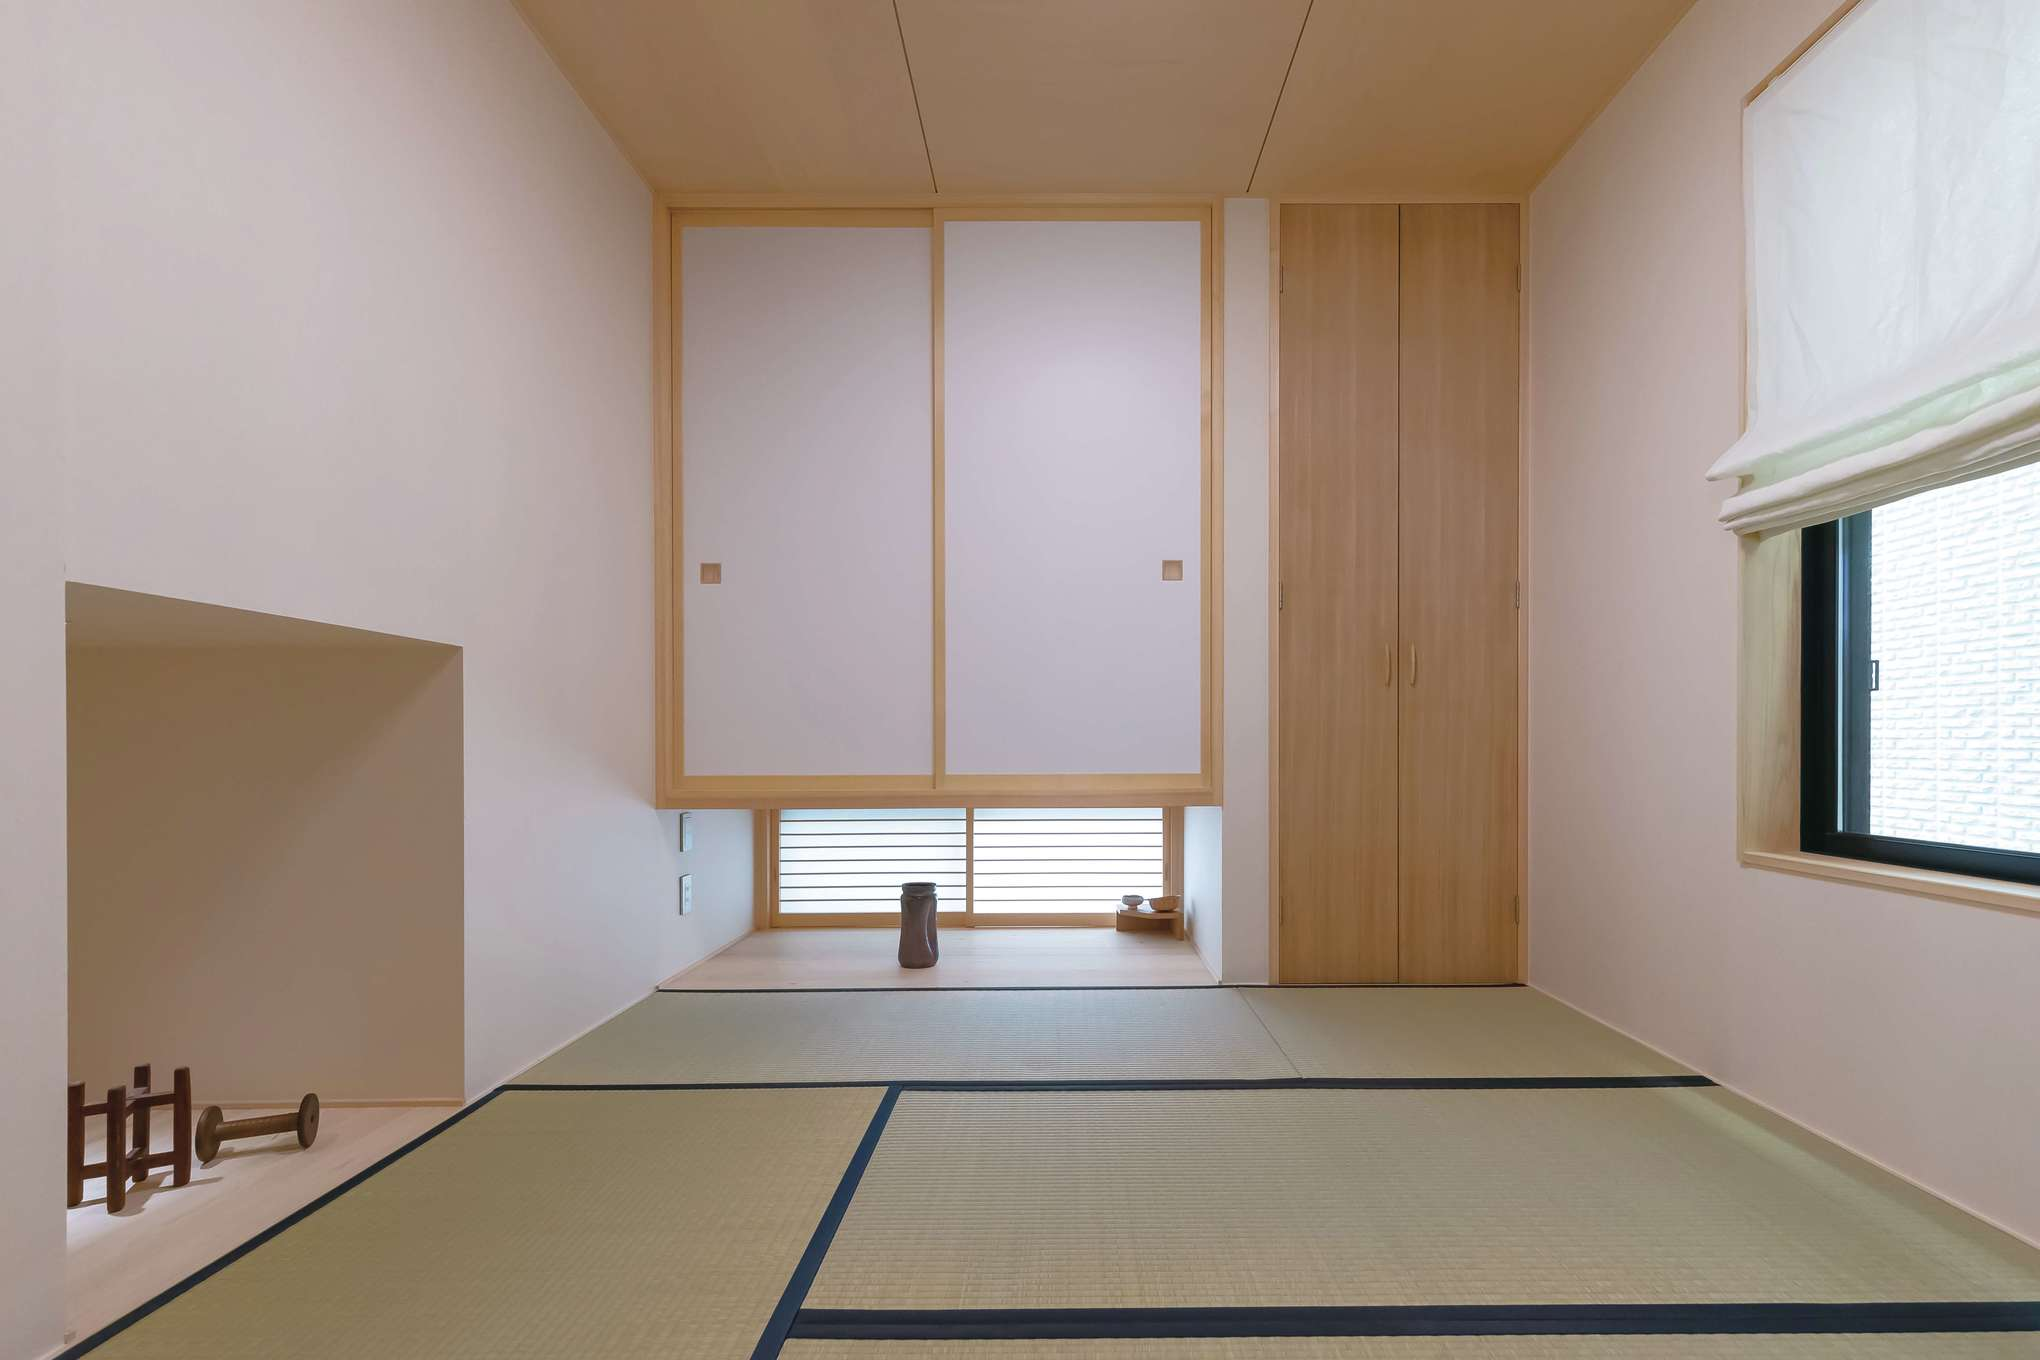 フジモクの家(富士木材)【デザイン住宅、子育て、自然素材】吊り押入れと地窓を採用した和室は、北面とは思えないほど明るい